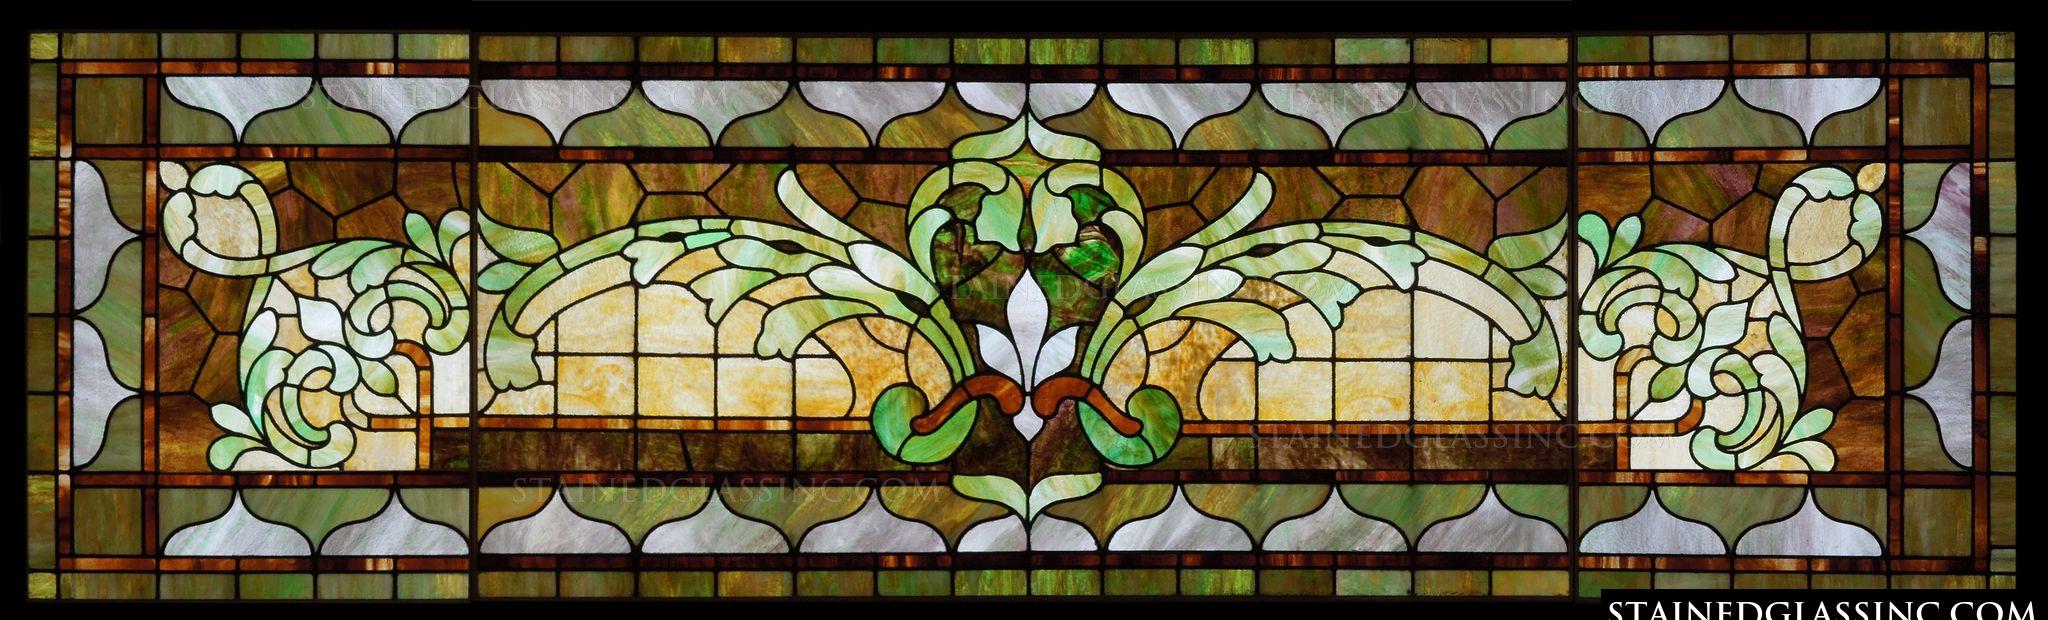 Decorative transom window stained glass window for Decorative stained glass windows